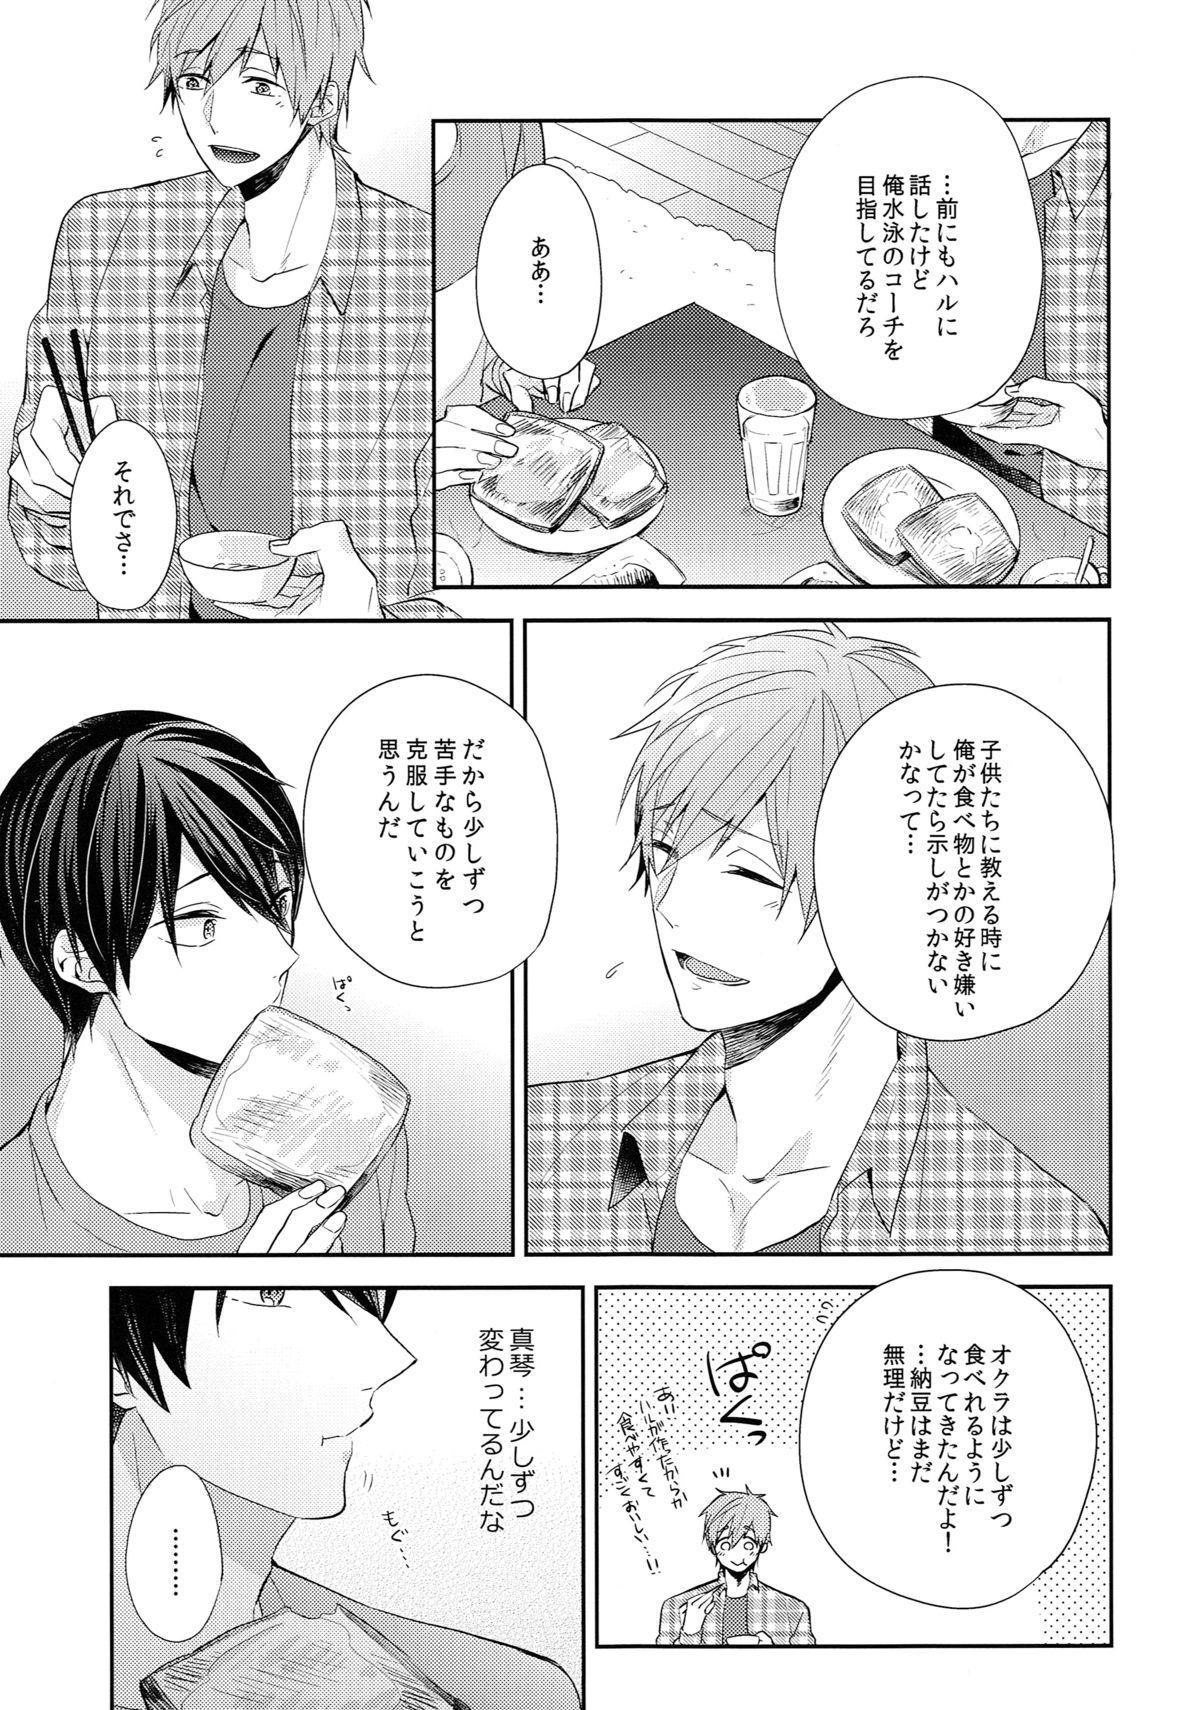 Tsunagaru Heart 5